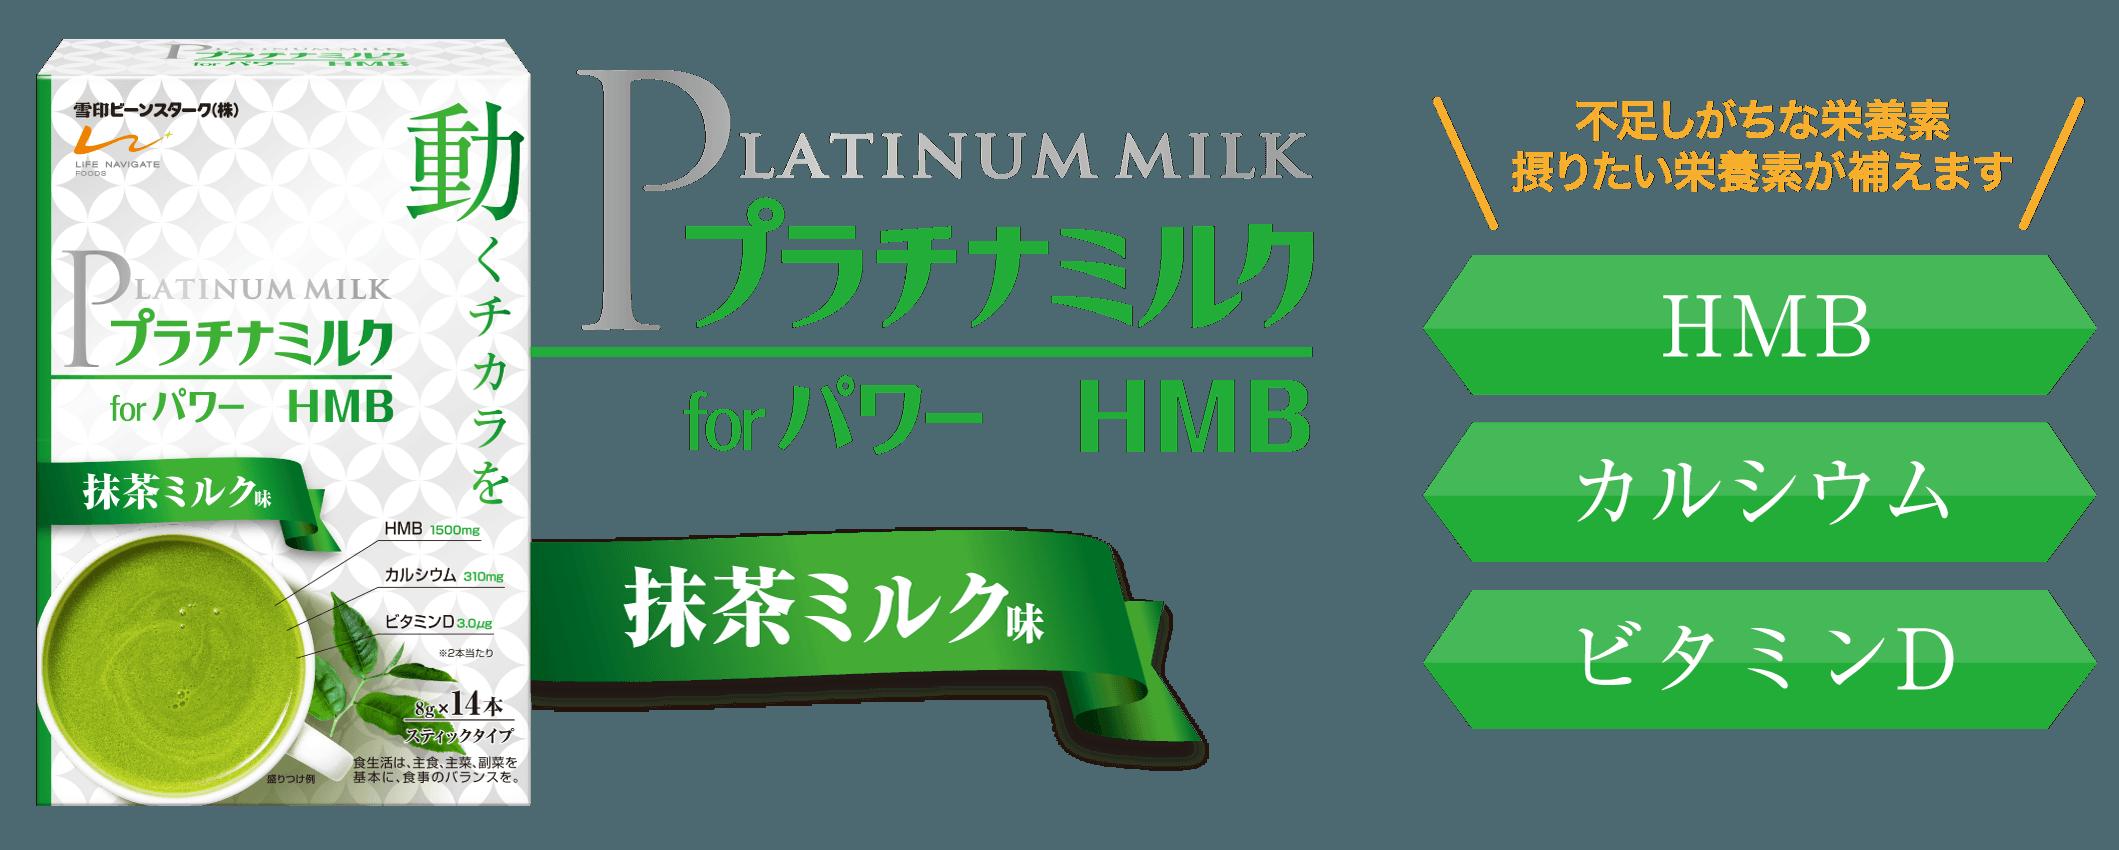 雪印_プラチナミルク